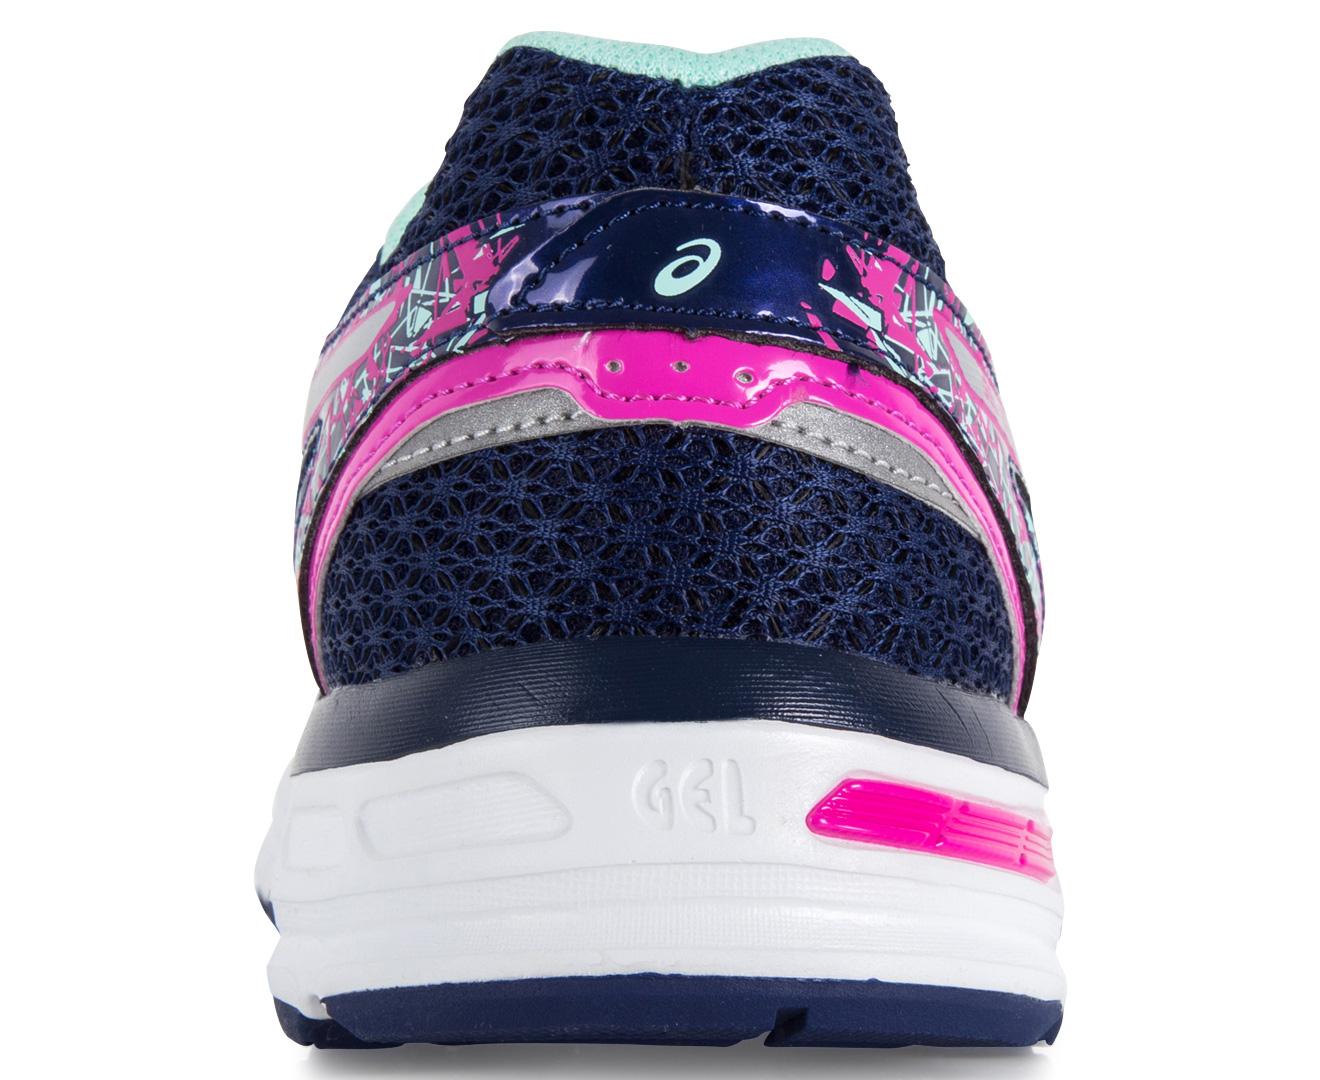 ASICS de GEL GEL Excite 4 modèle de chaussure menthe femme/ argent/ menthe | 8ae8e22 - vendingmatic.info